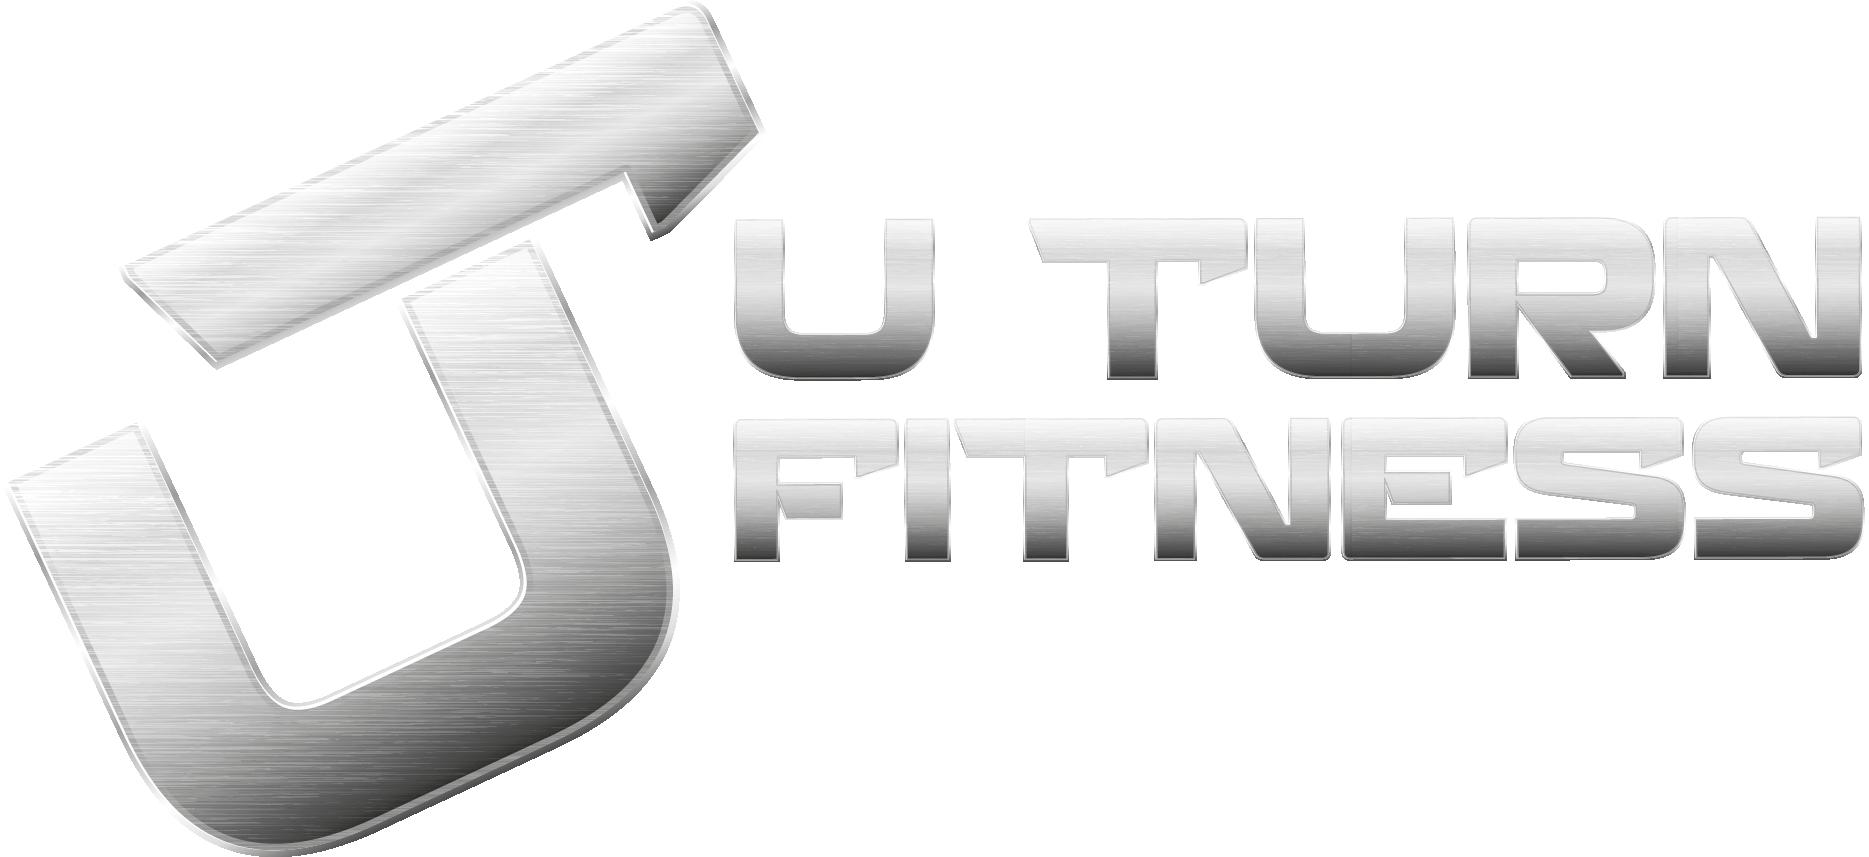 Uturn Fitness